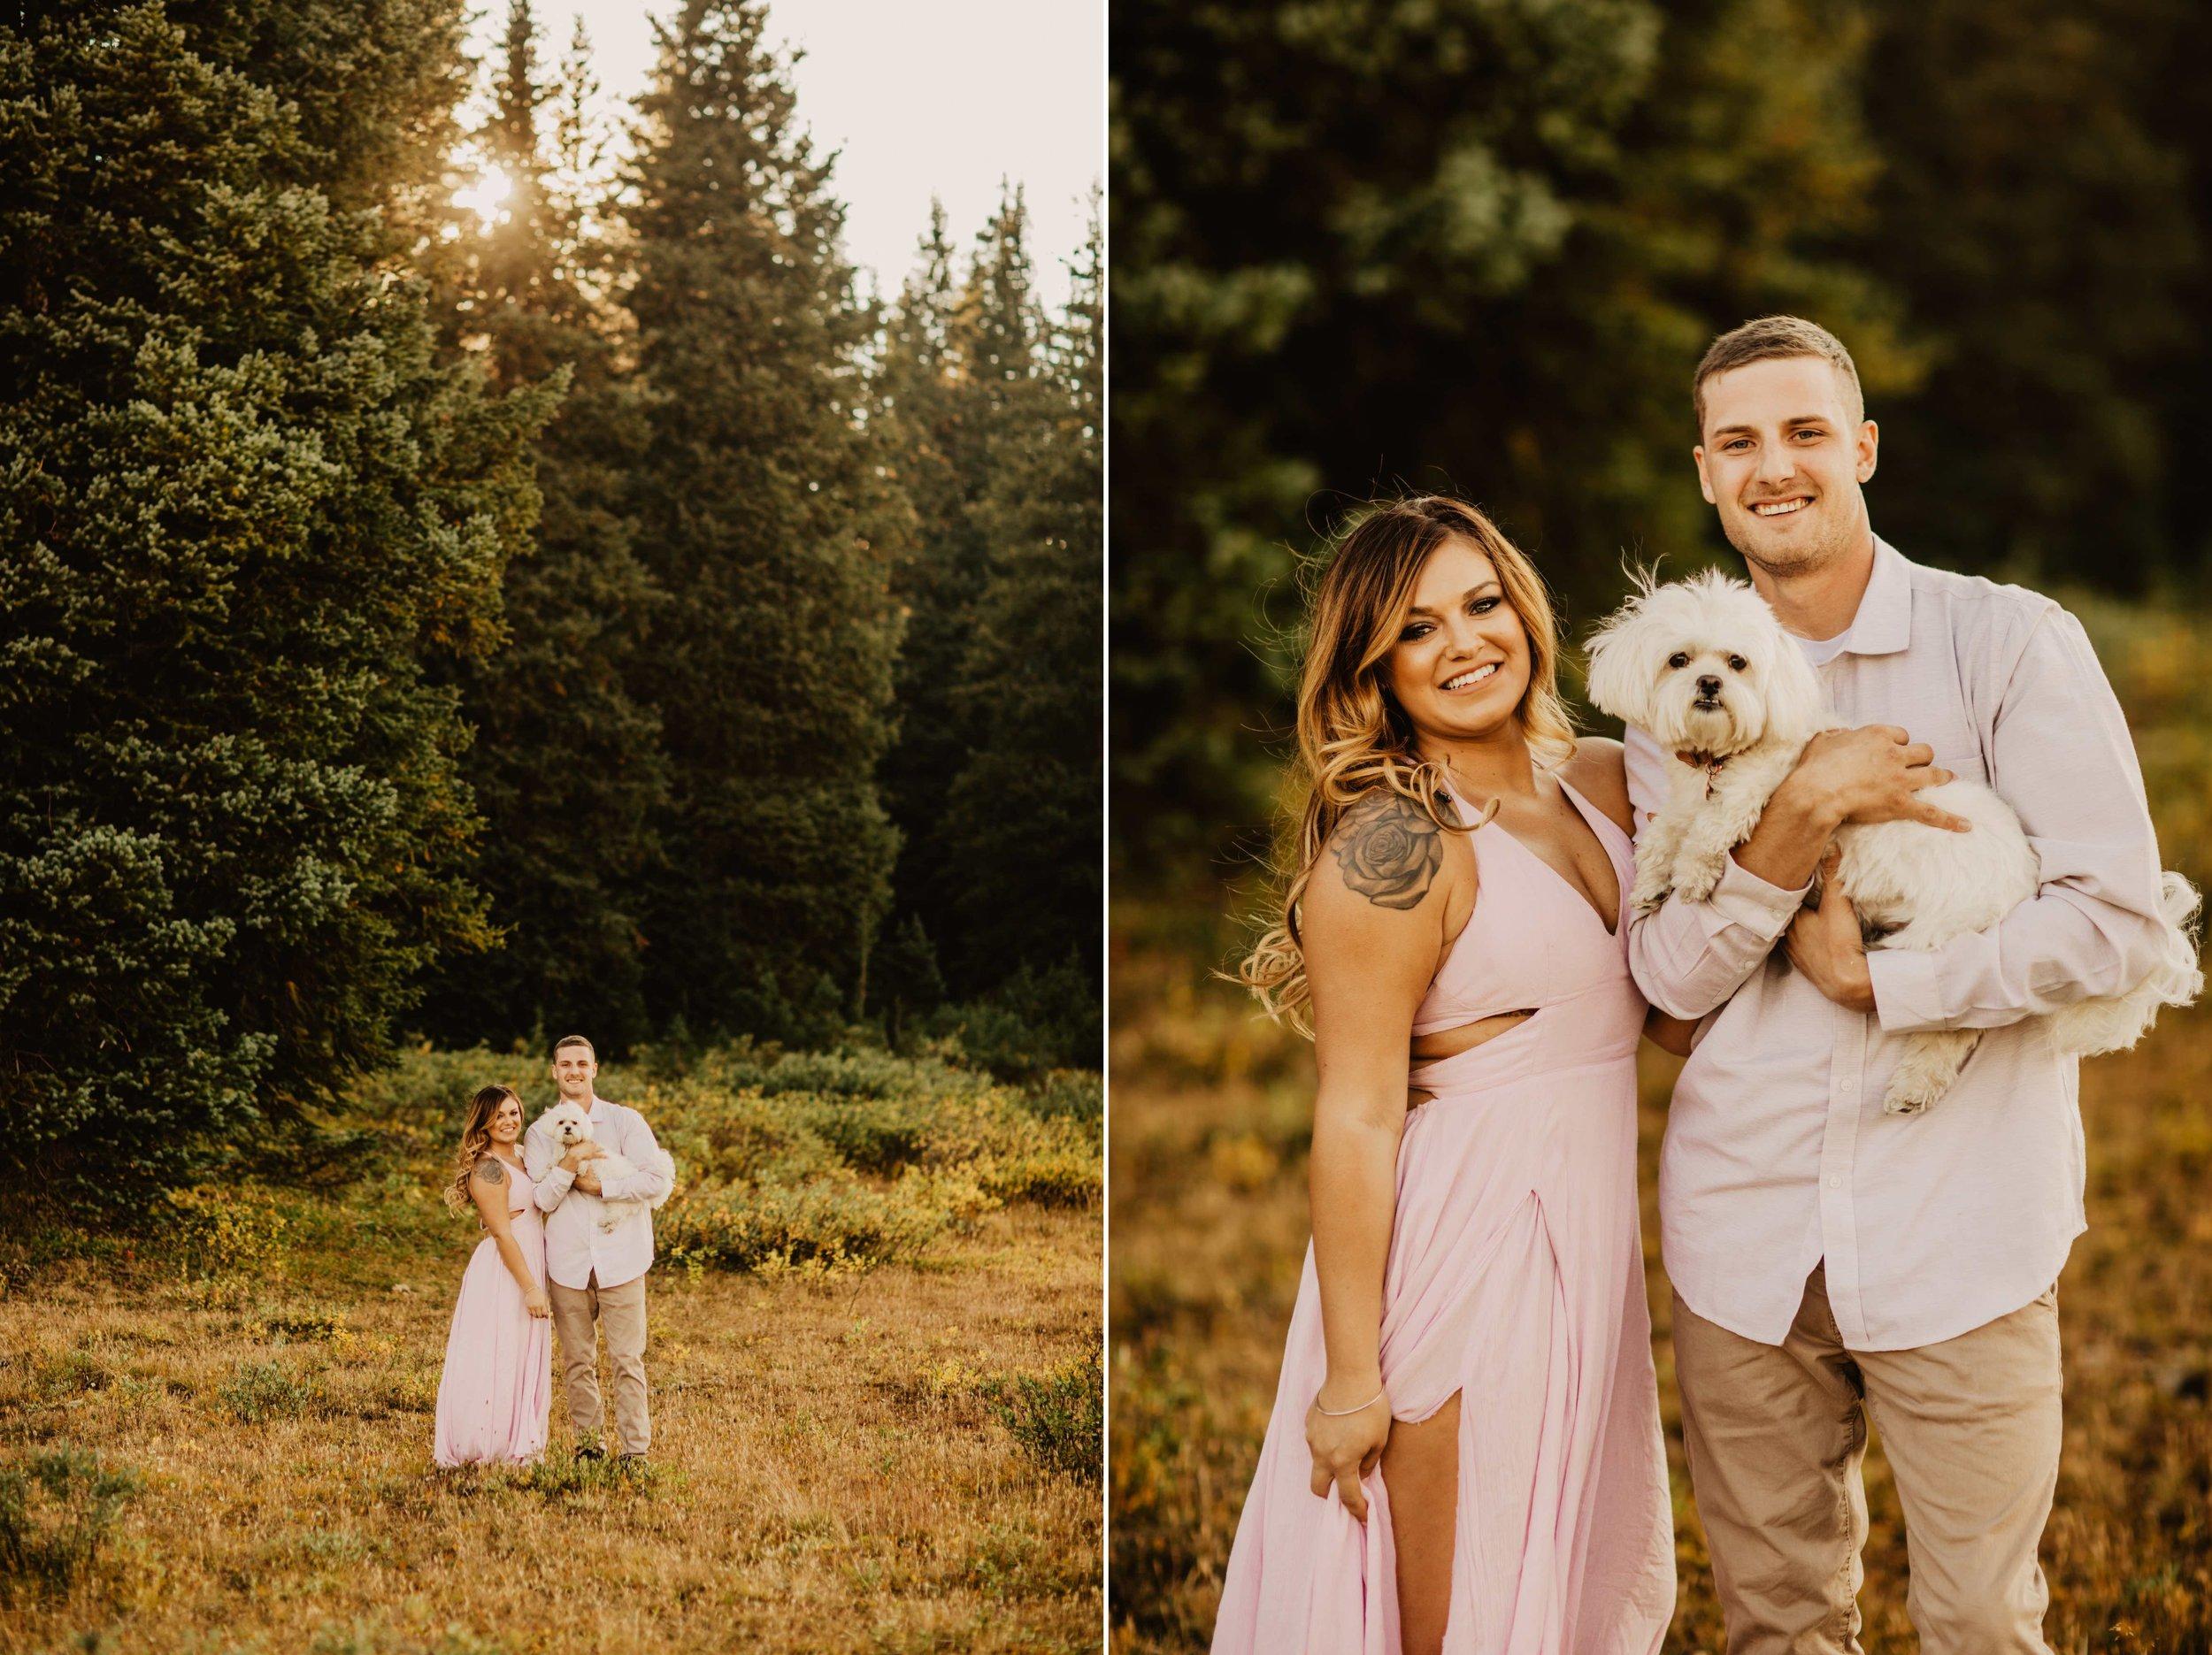 Kisa Conrad Favorites-0002-colorado-wedding-photographer-denver-springs-vail-colorado-wedding-photographer-denver-springs-vail.jpeg